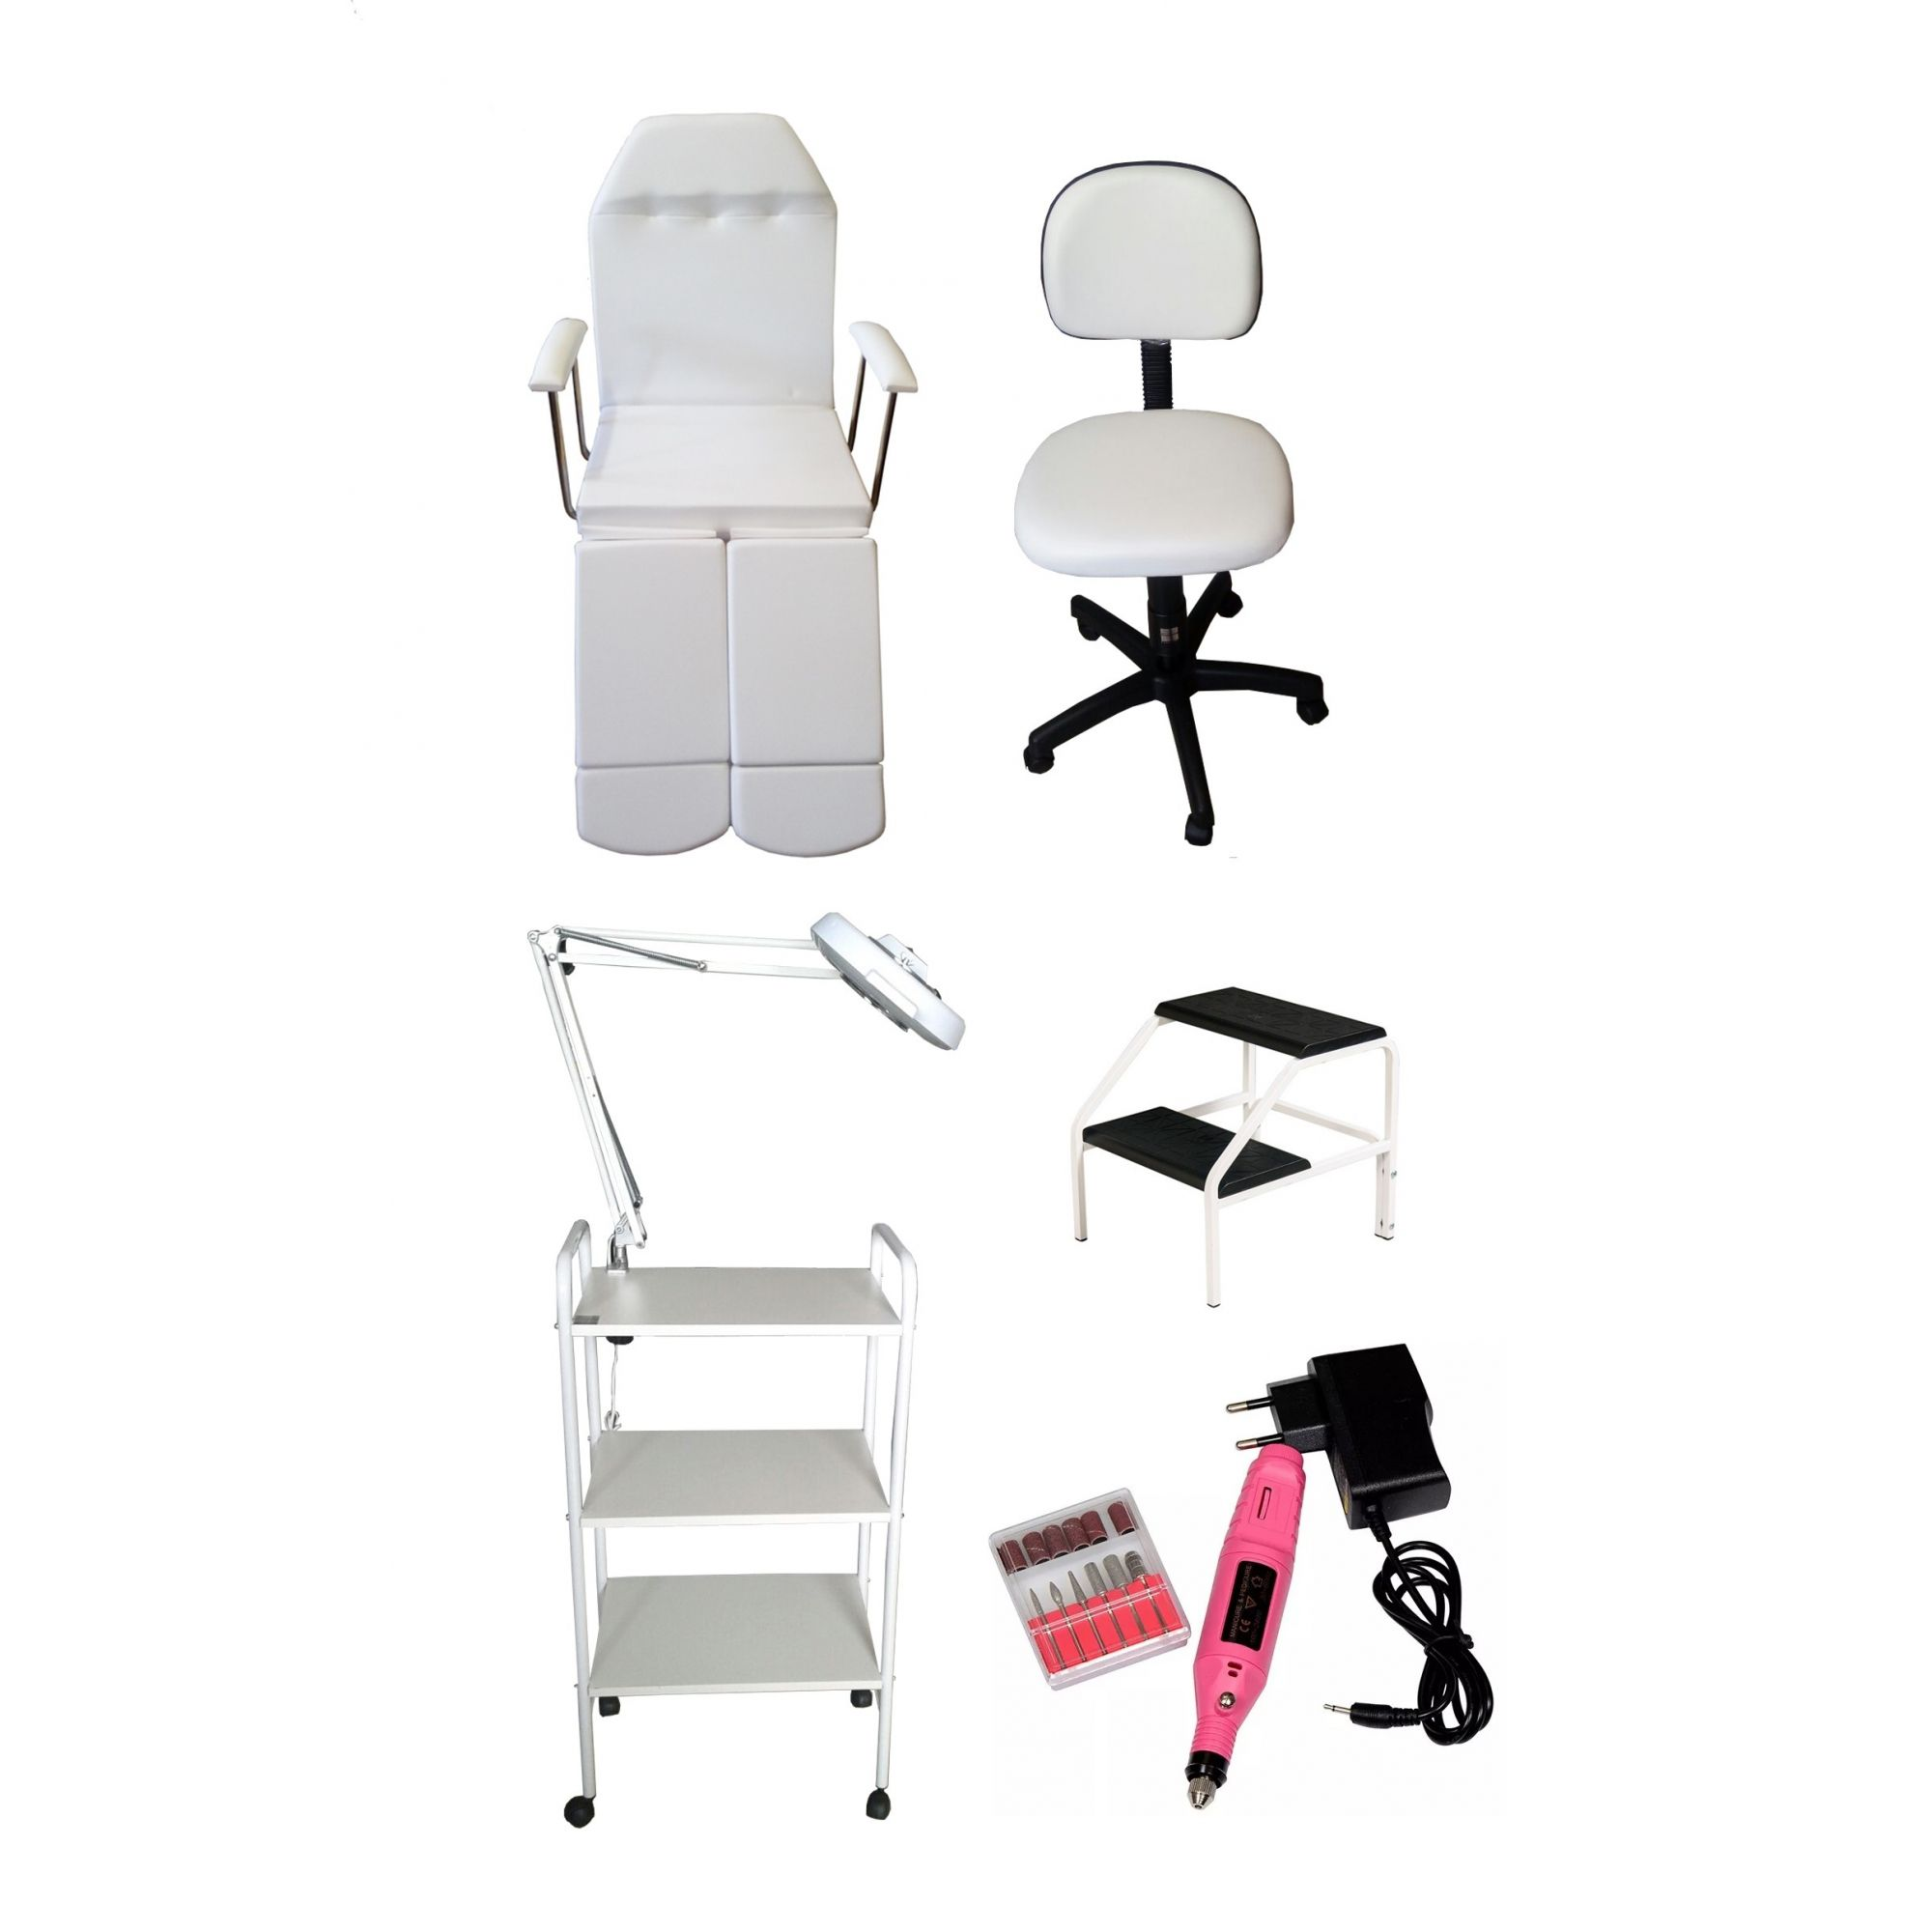 Kit Para Podologia Cadeira, Luminária com Exaustor, Escada,Carrinho e Mocho Brinde Micromotor